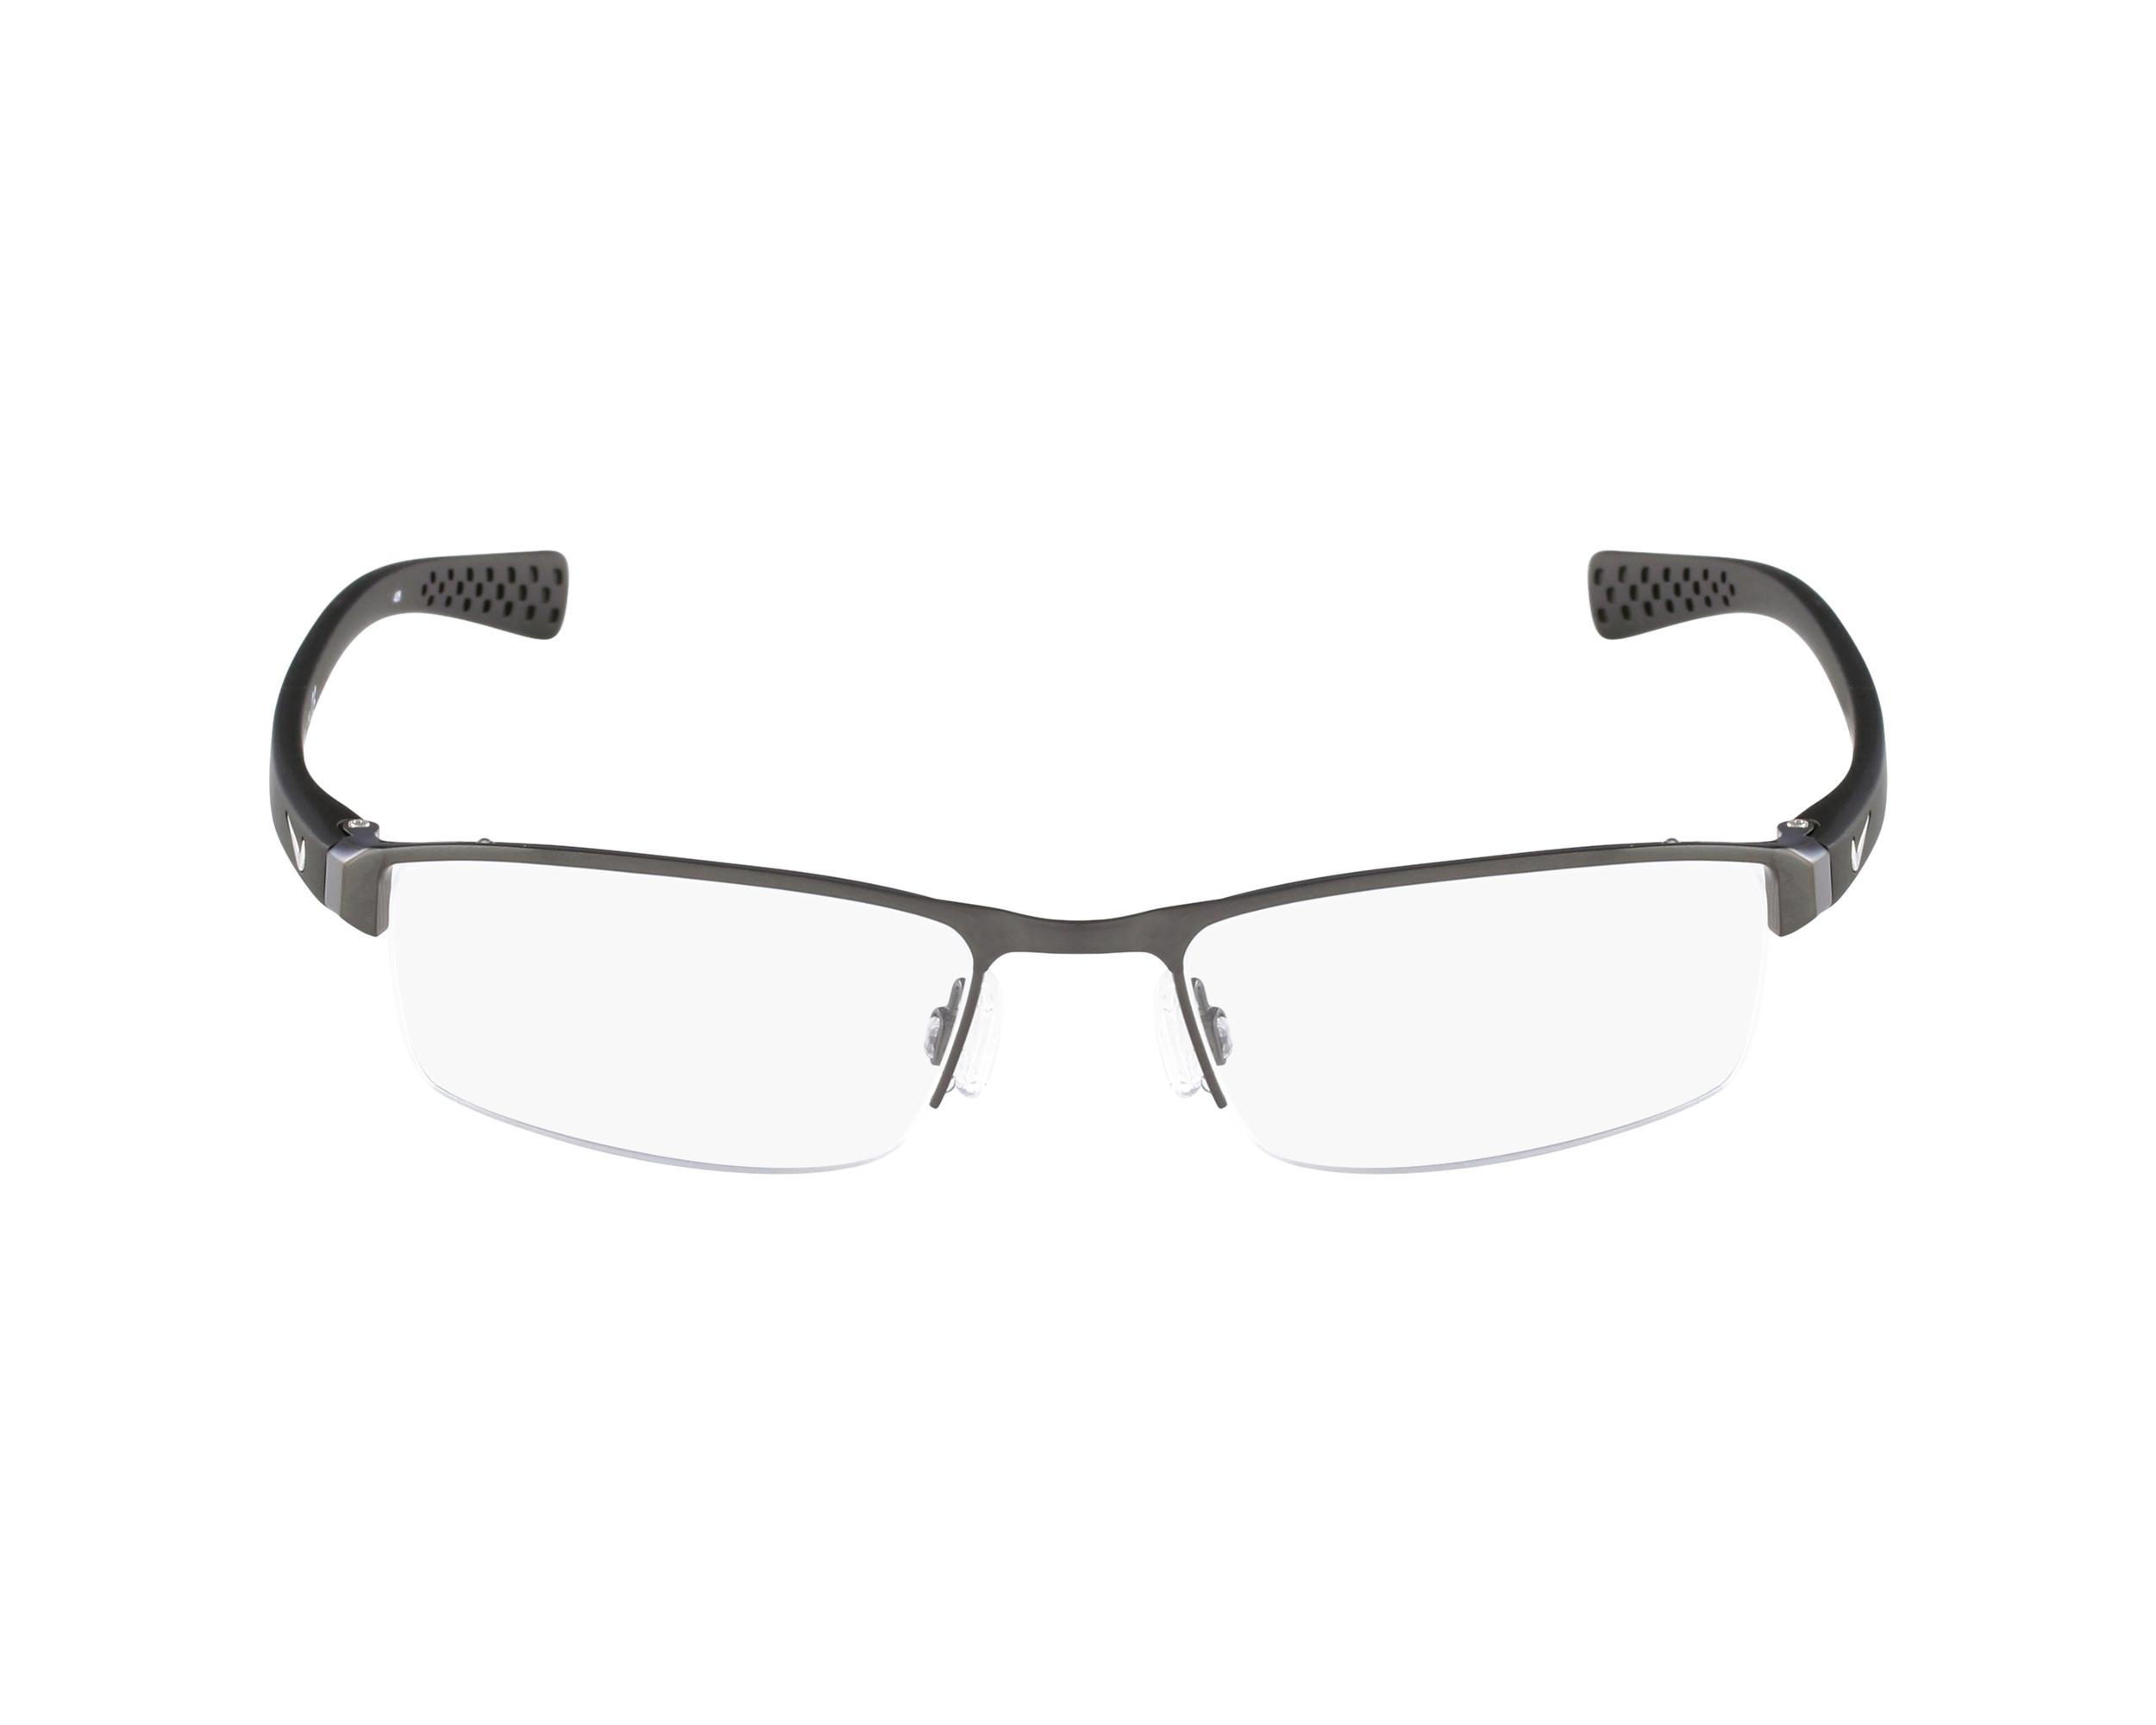 nike glasses frames 8095